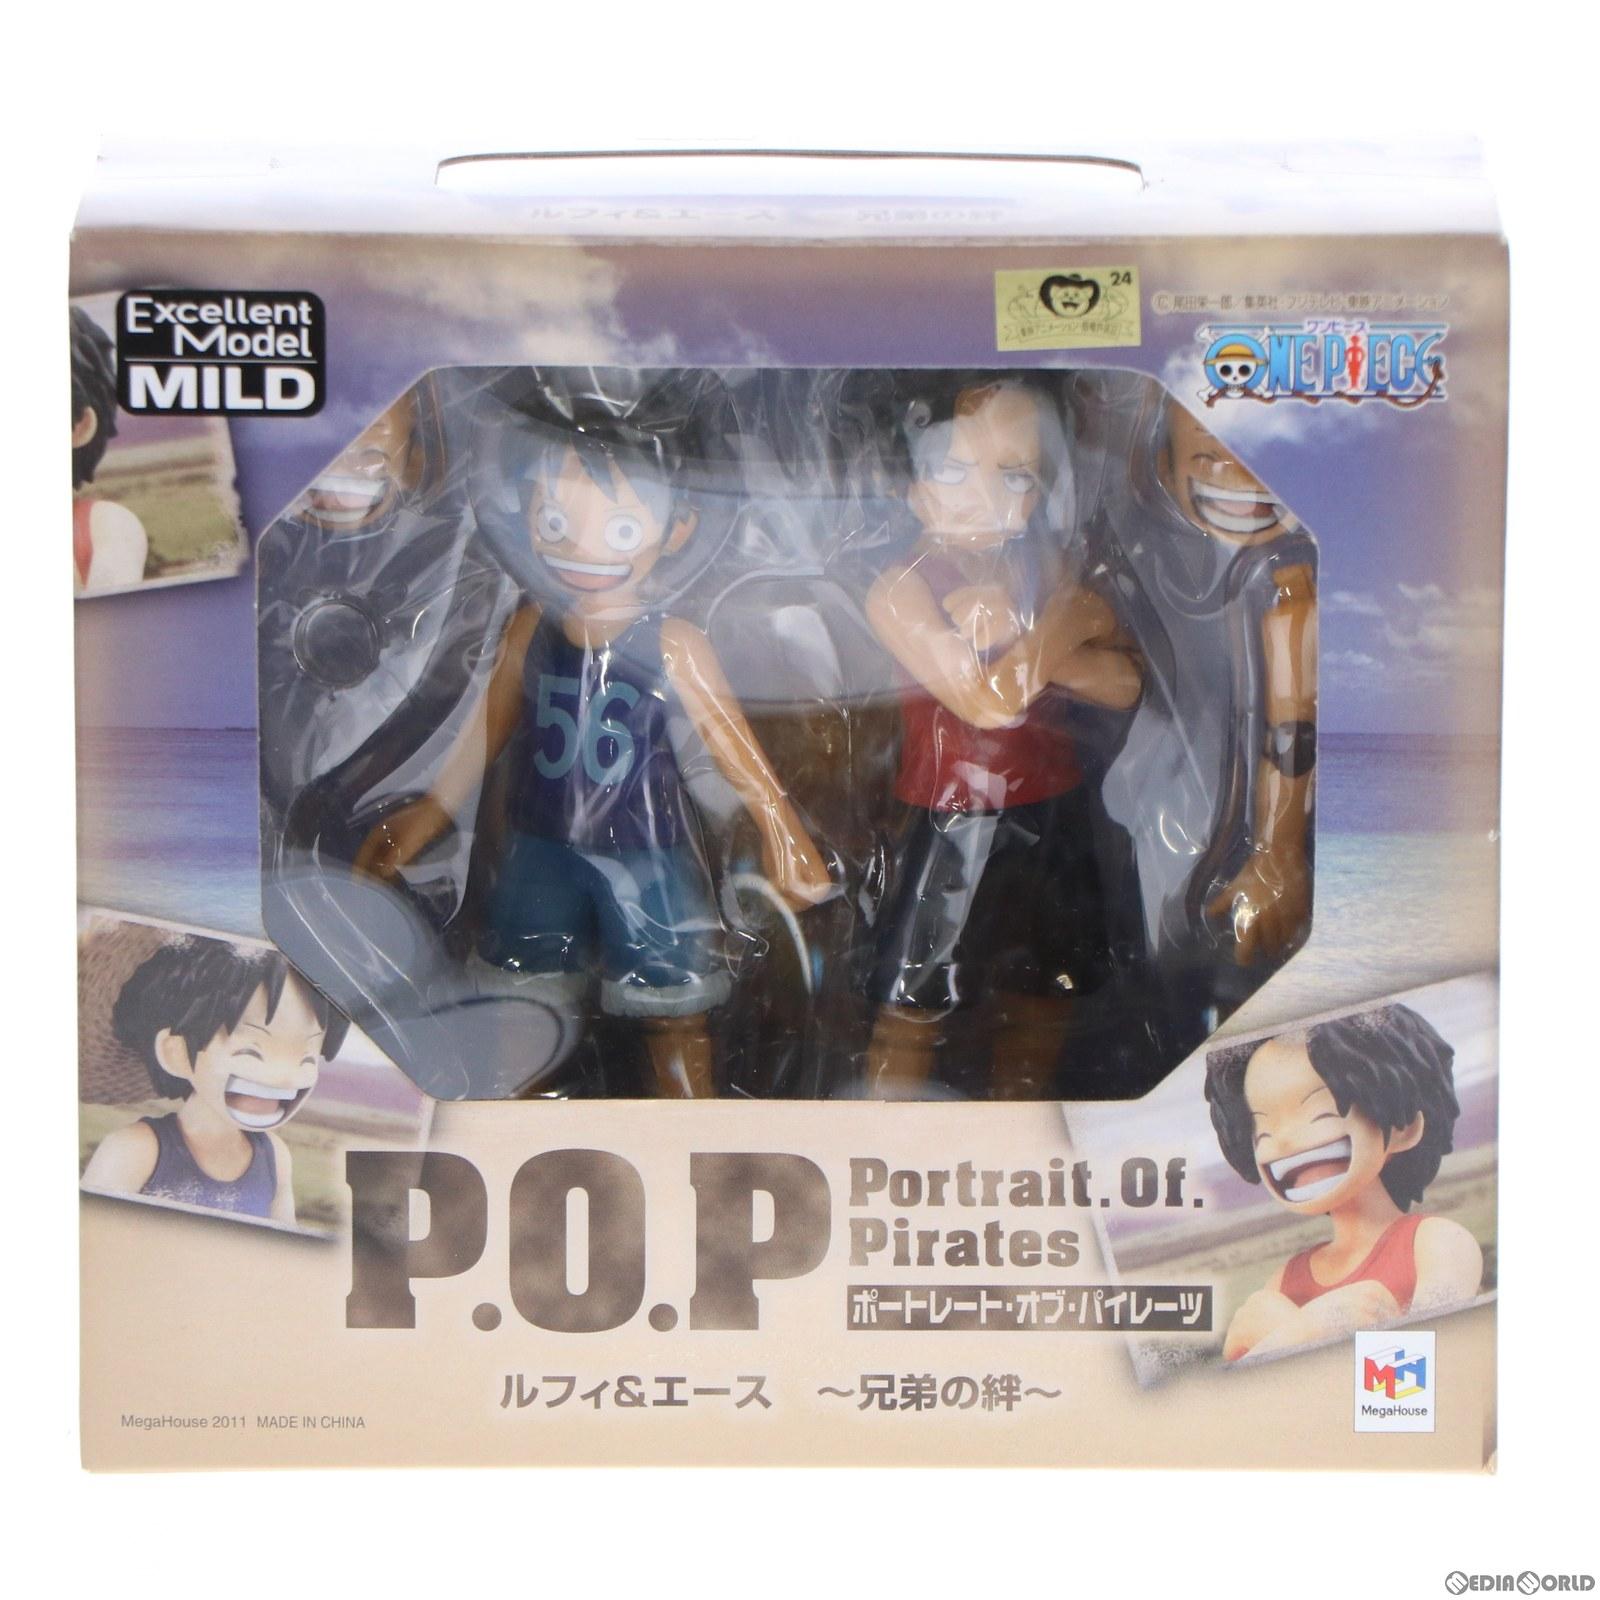 コレクション, フィギュア FIGPortrait.Of.Pirates P.O.P CB-EX ONE PIECE() (20111028)